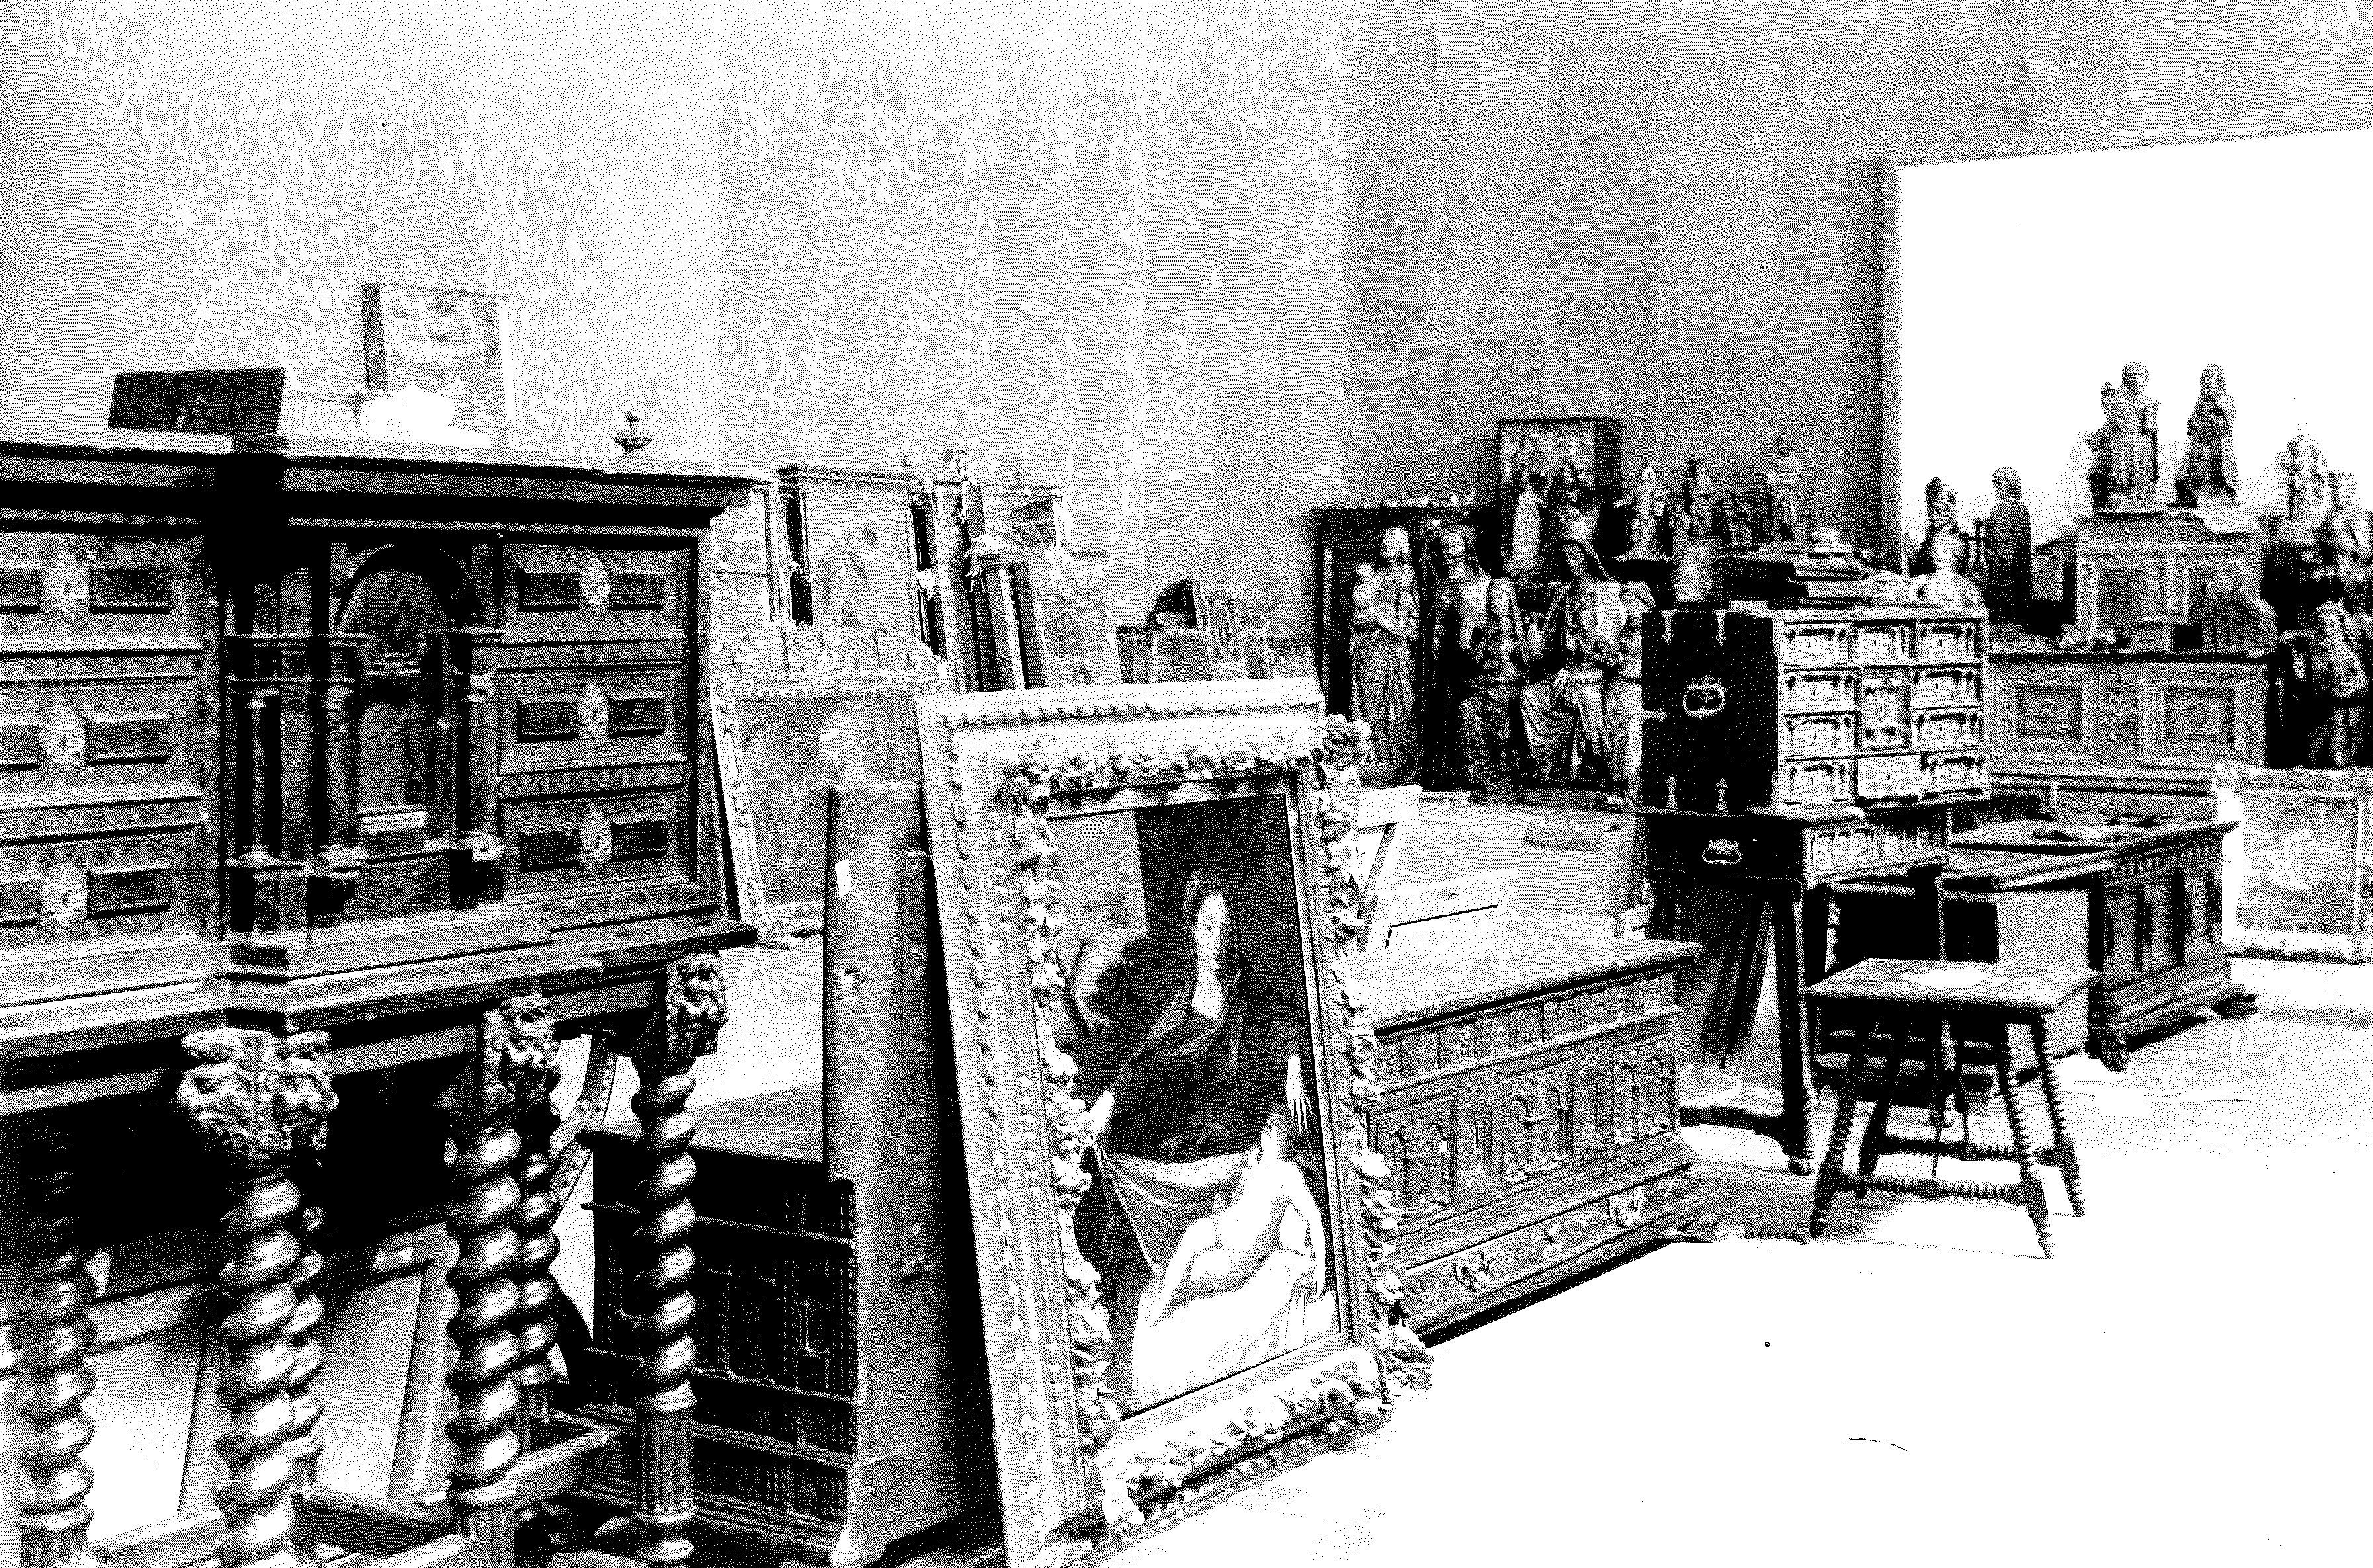 Obres aplegadesen una de les sales del Palau Nacional l'any 1936